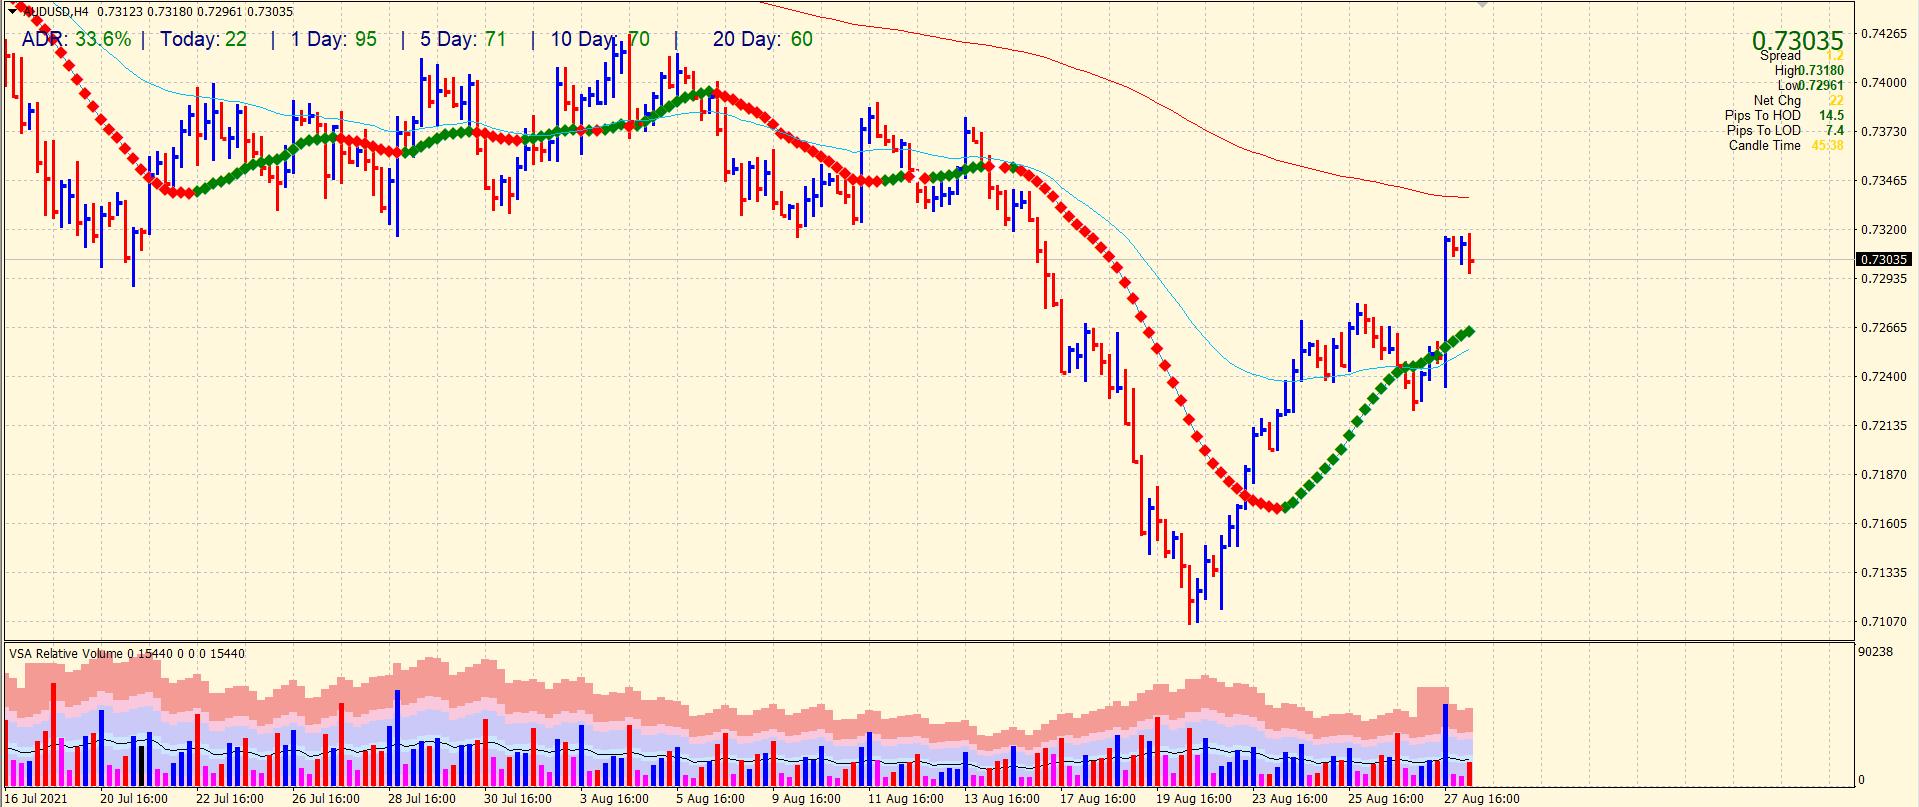 AUD/USD 4-hour price analysis